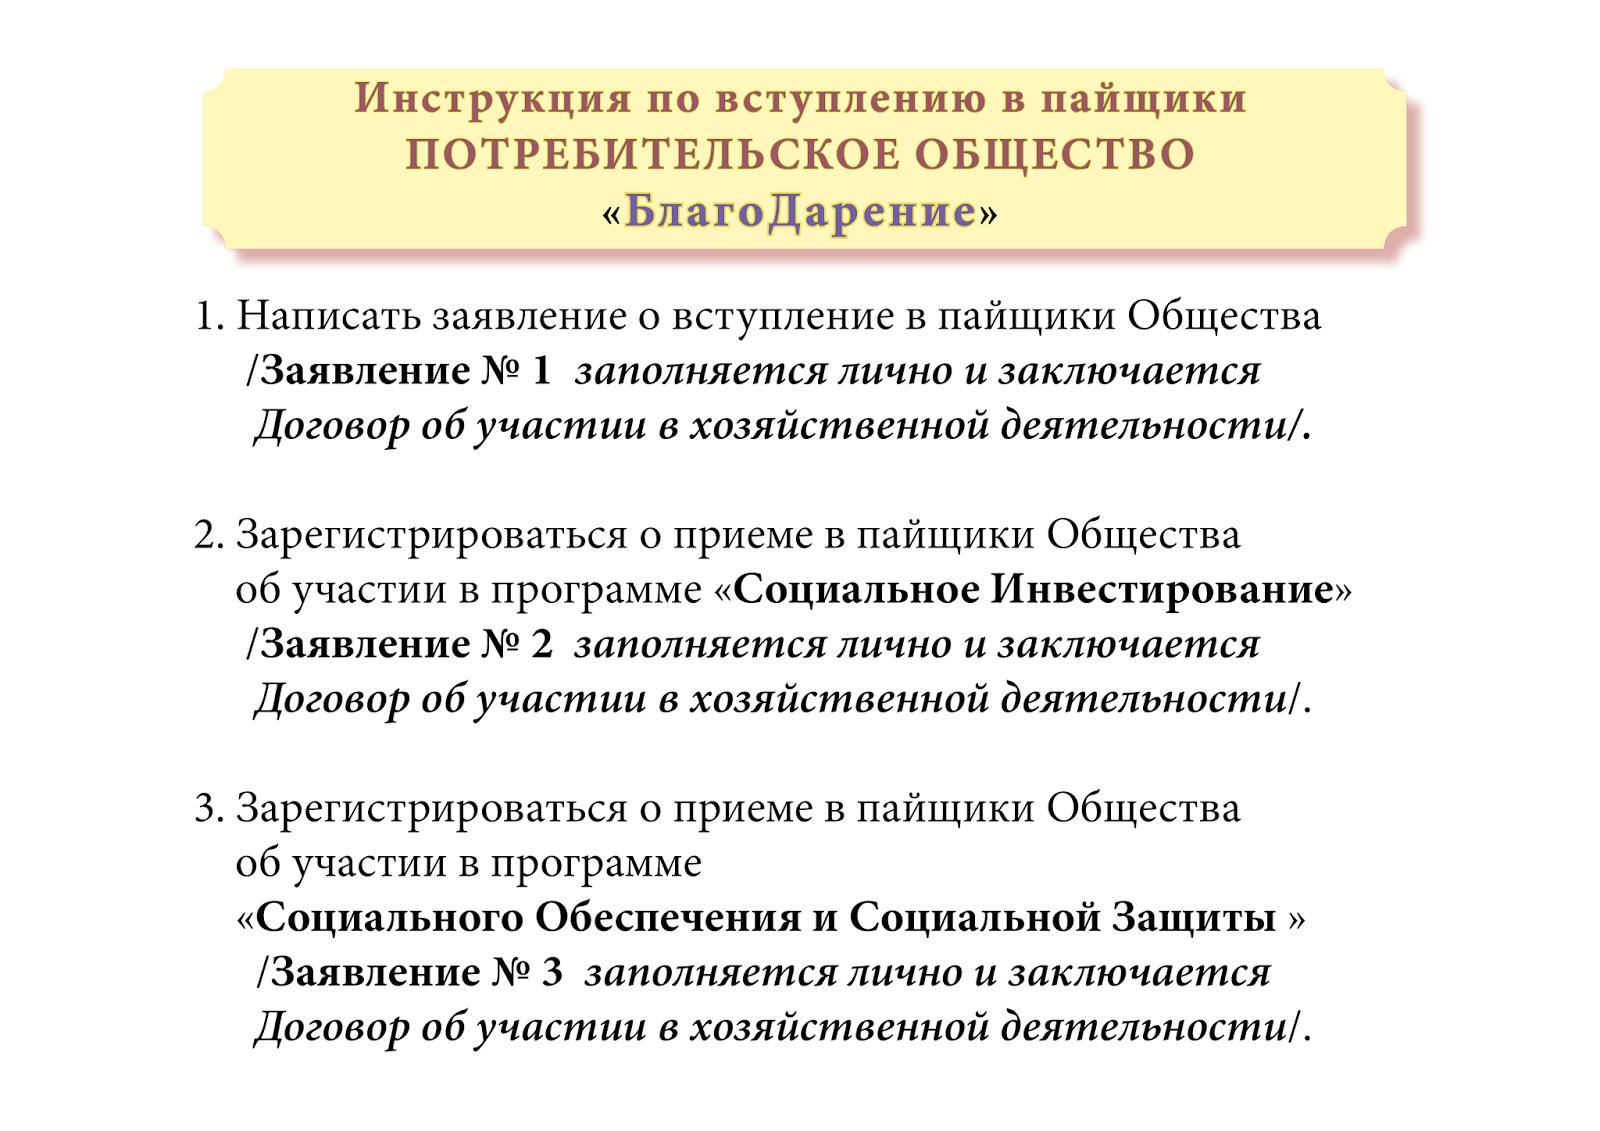 Образец заполнения счет фактуры если освобожден от ндс